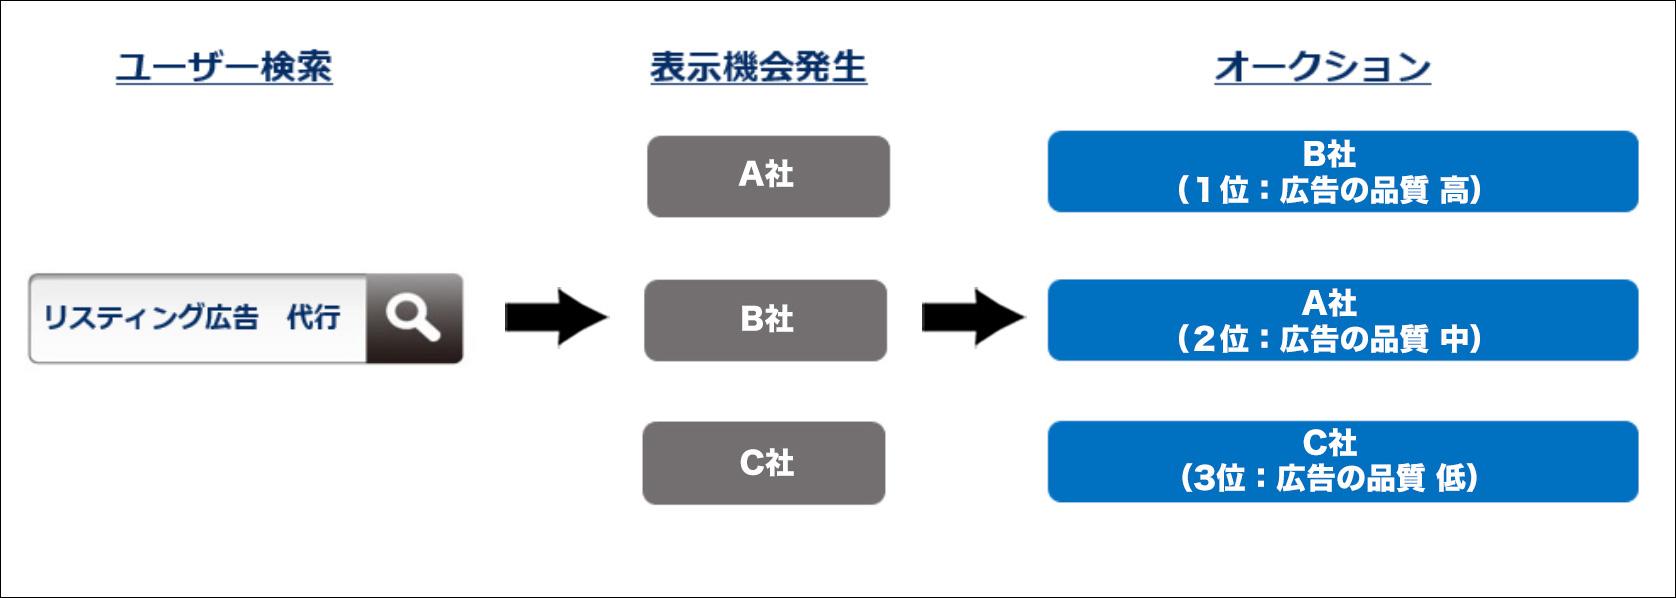 オークション形式